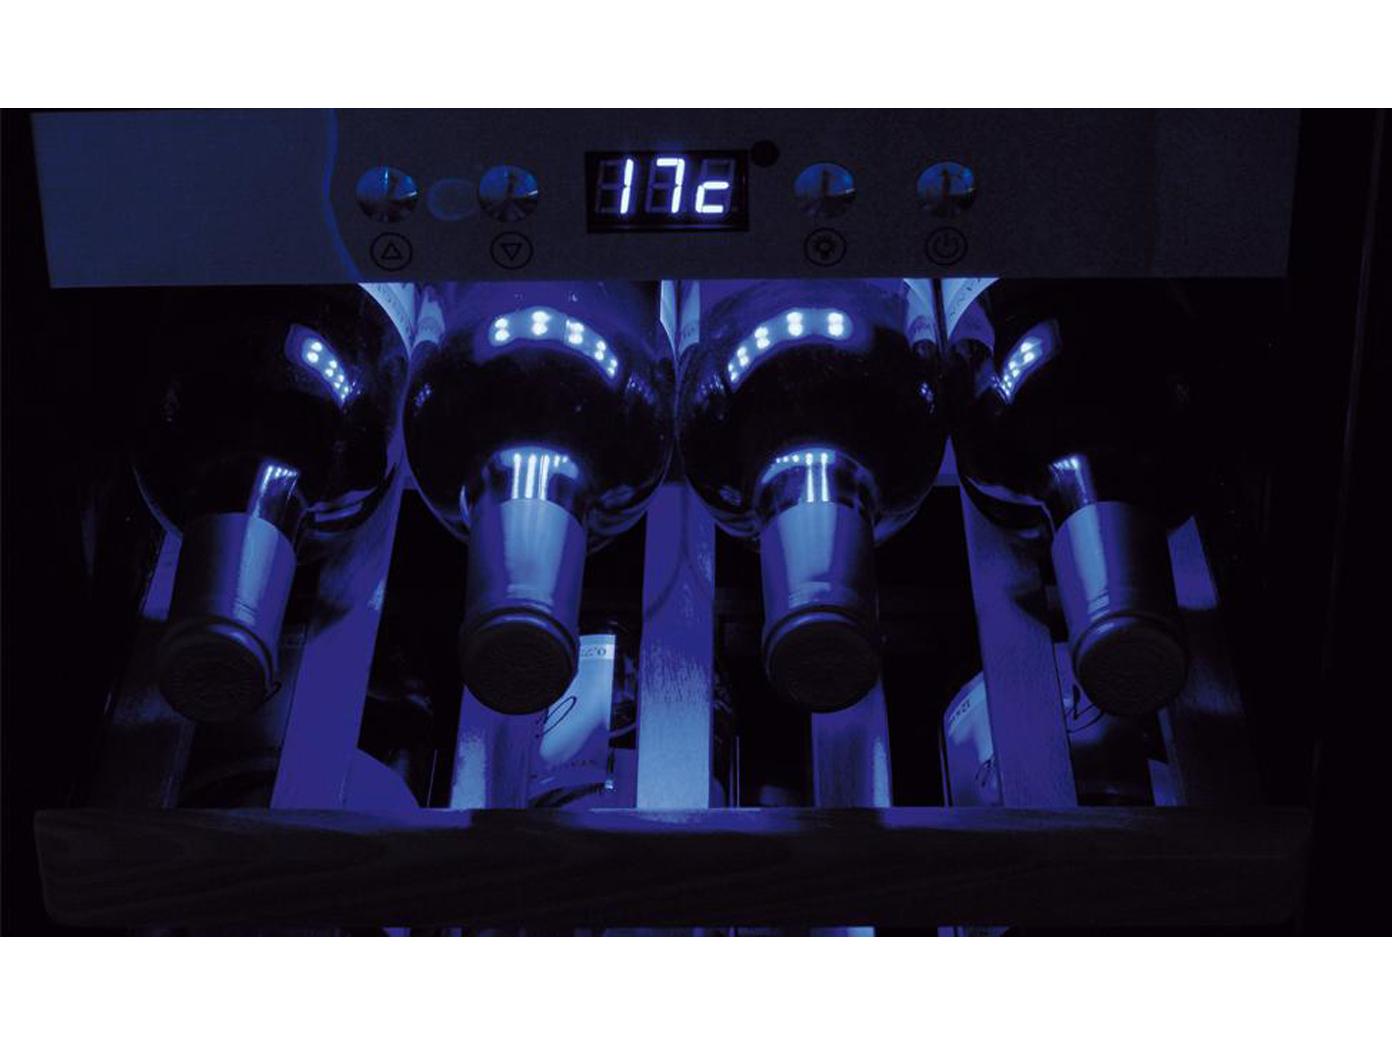 profi weink hlschrank 66 flaschen 2 zonen winecooler weinklimaschrank ggg ebay. Black Bedroom Furniture Sets. Home Design Ideas